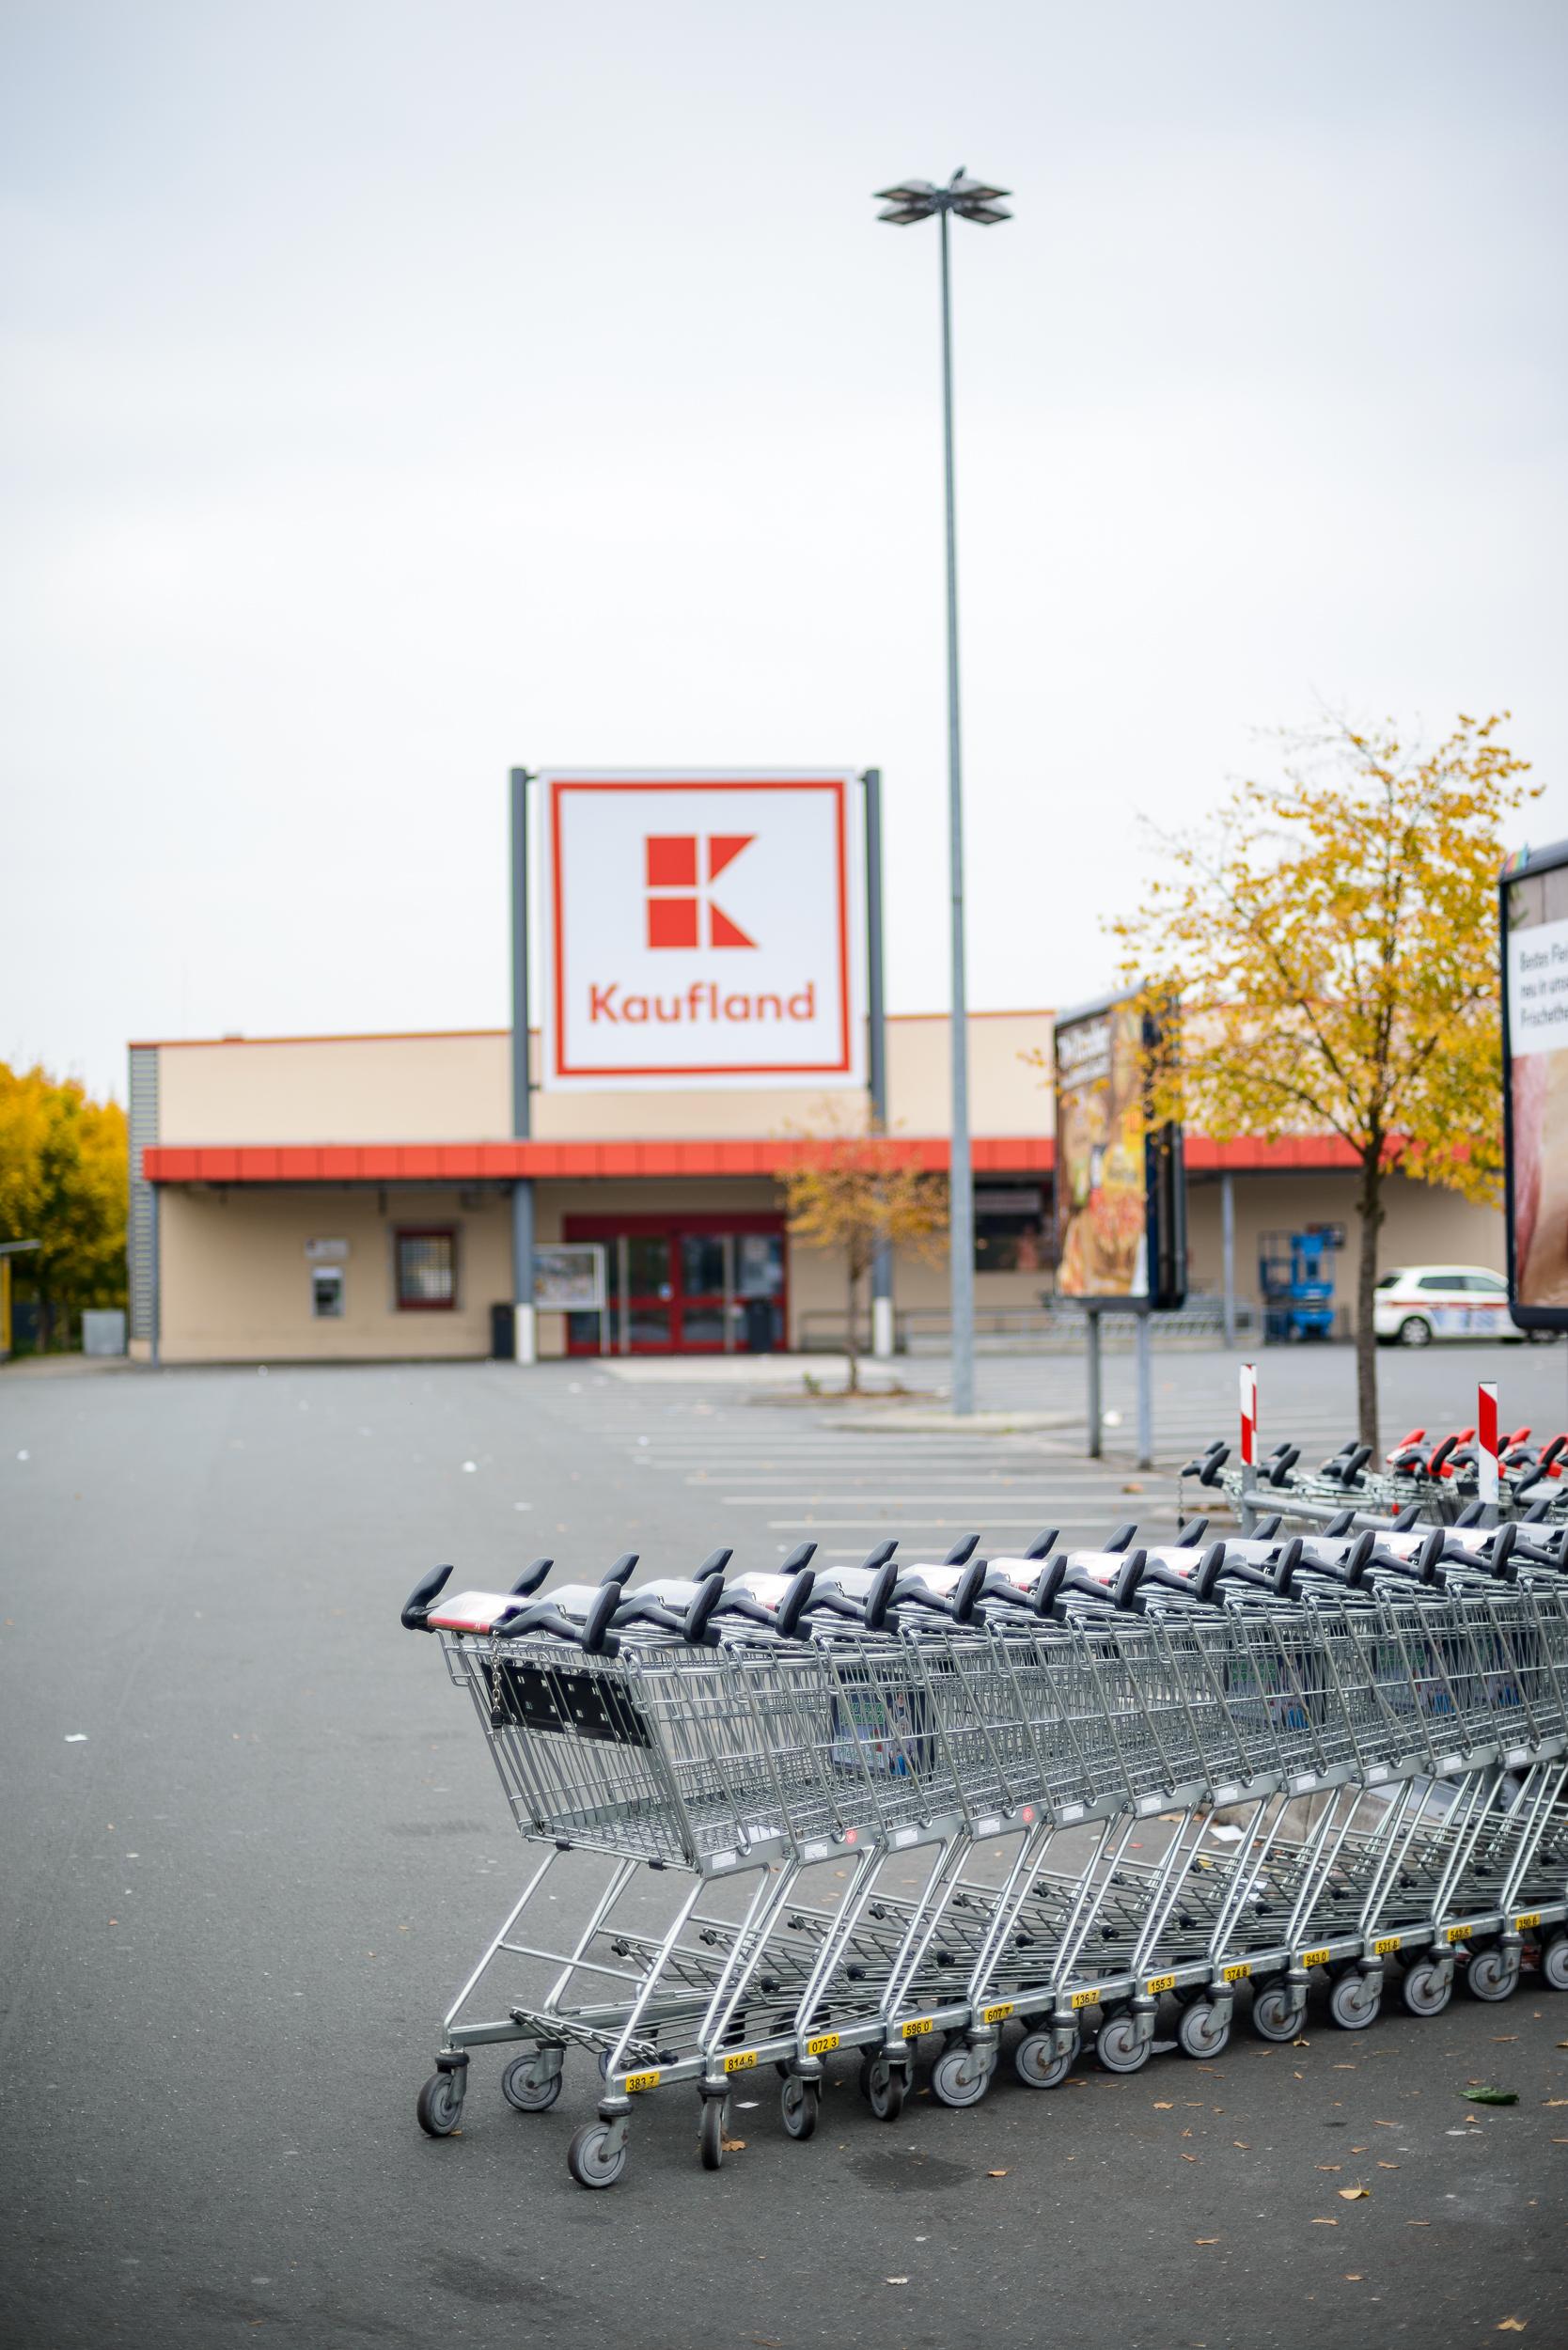 Supermarkt-Parkplatz_Kaufland_20181104_0049_2500px.jpg